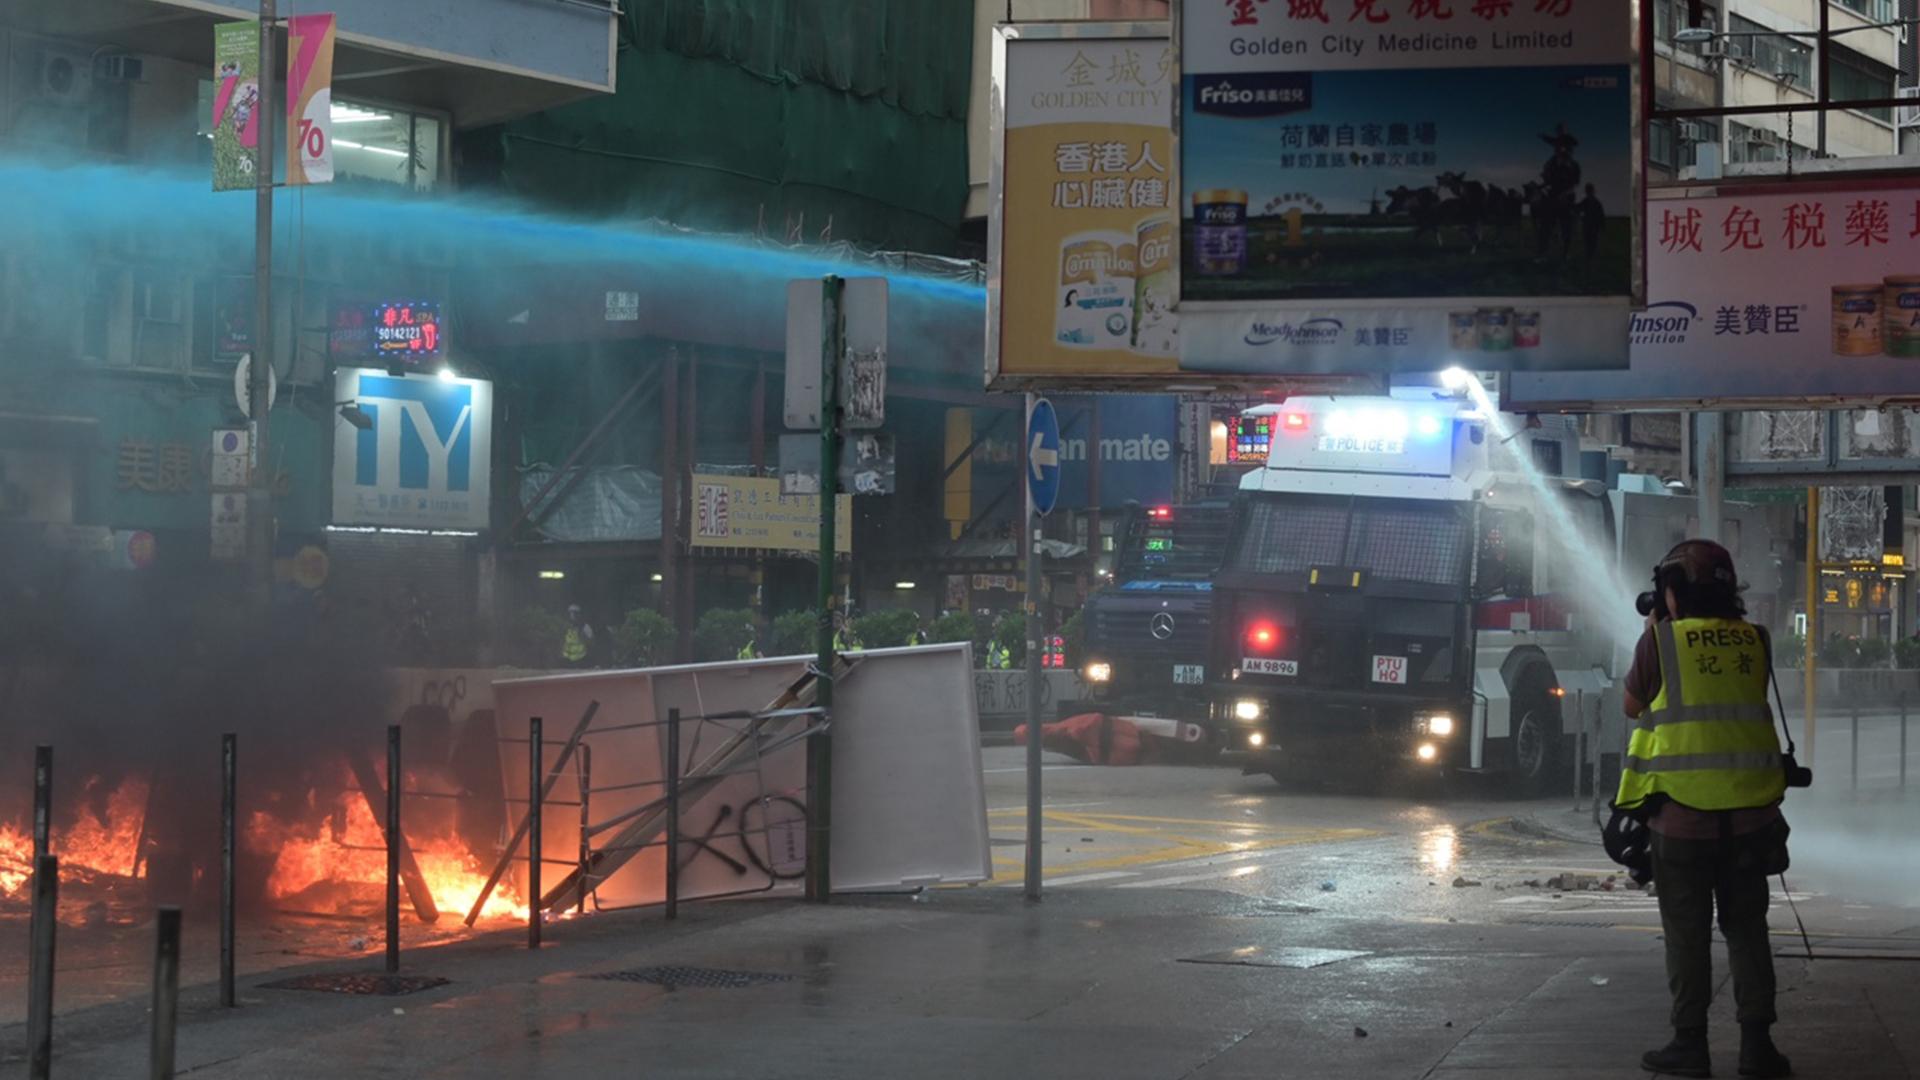 【九龍遊行】旺角防暴警撤走 彌敦道大批市民再聚集